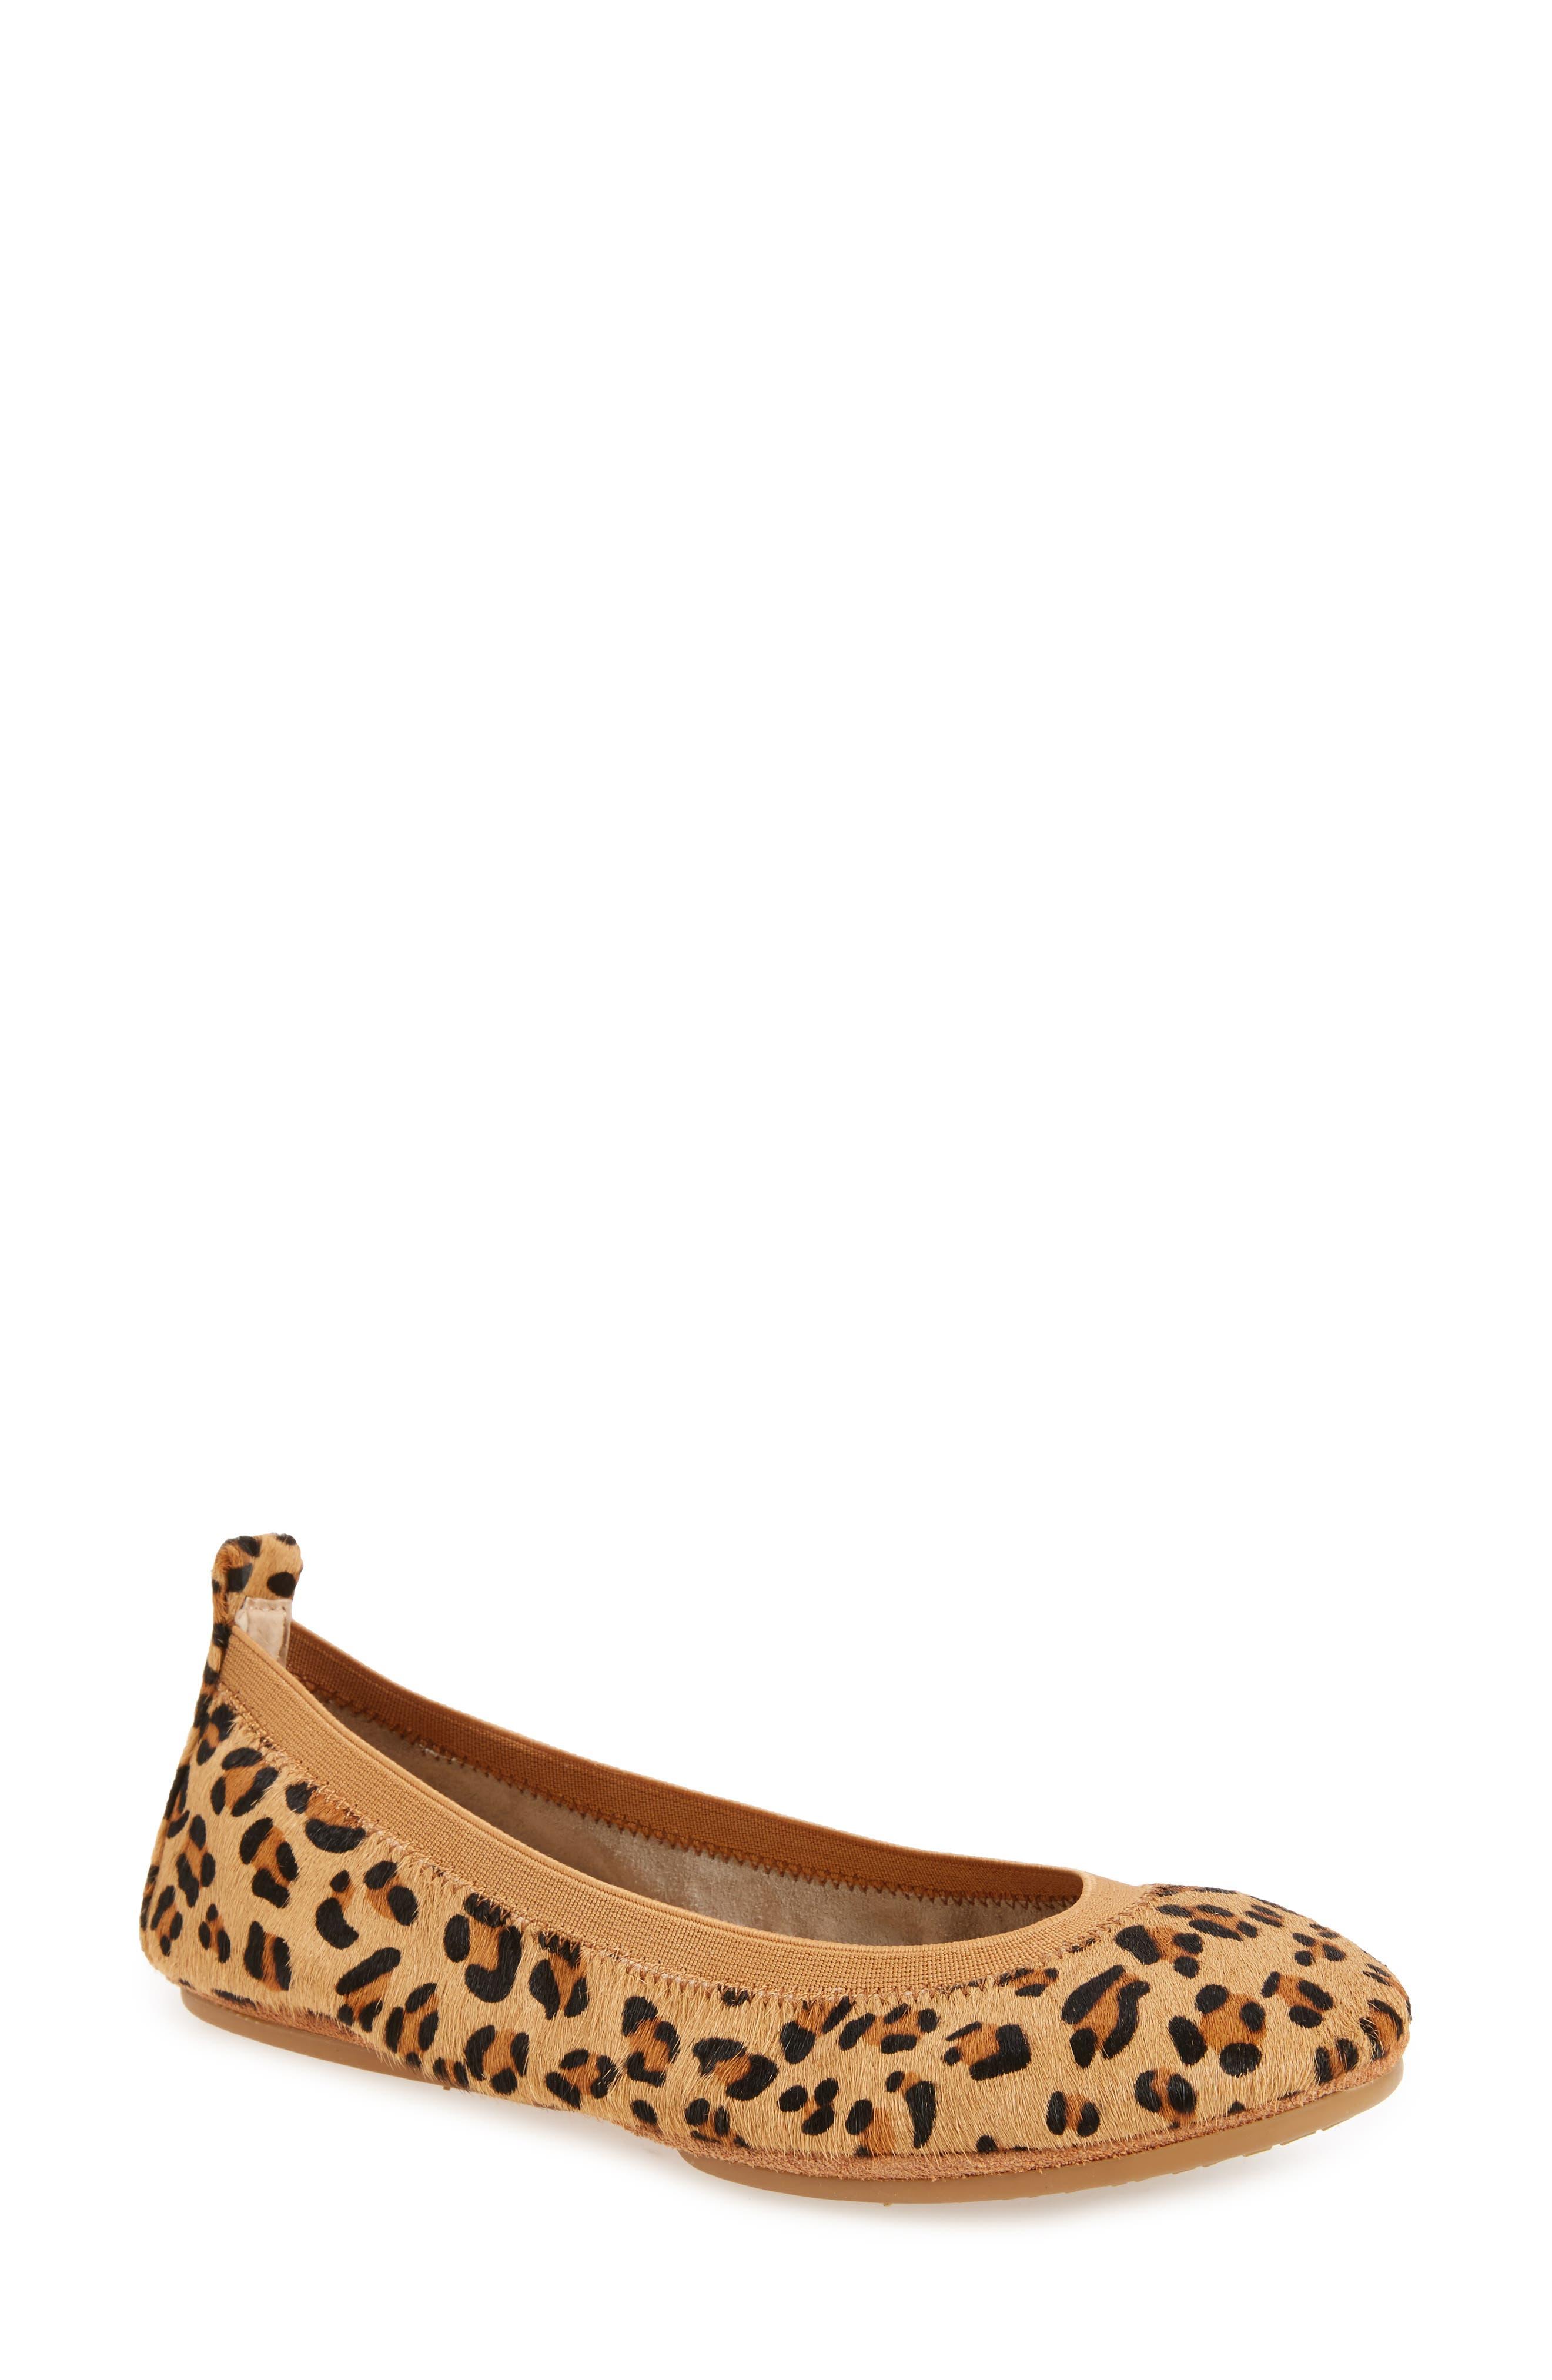 Samara 2.0 Foldable Ballet Flat,                             Main thumbnail 1, color,                             Natural Leopard Calf Hair